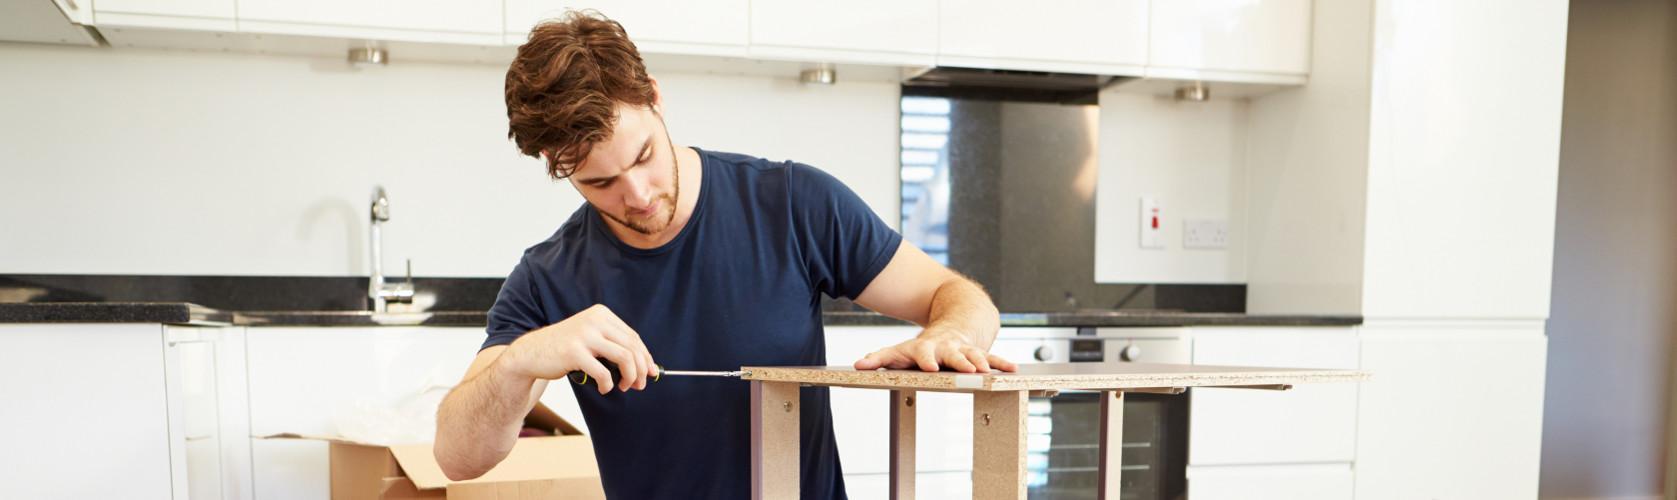 Groupon Furniture Deals 2017